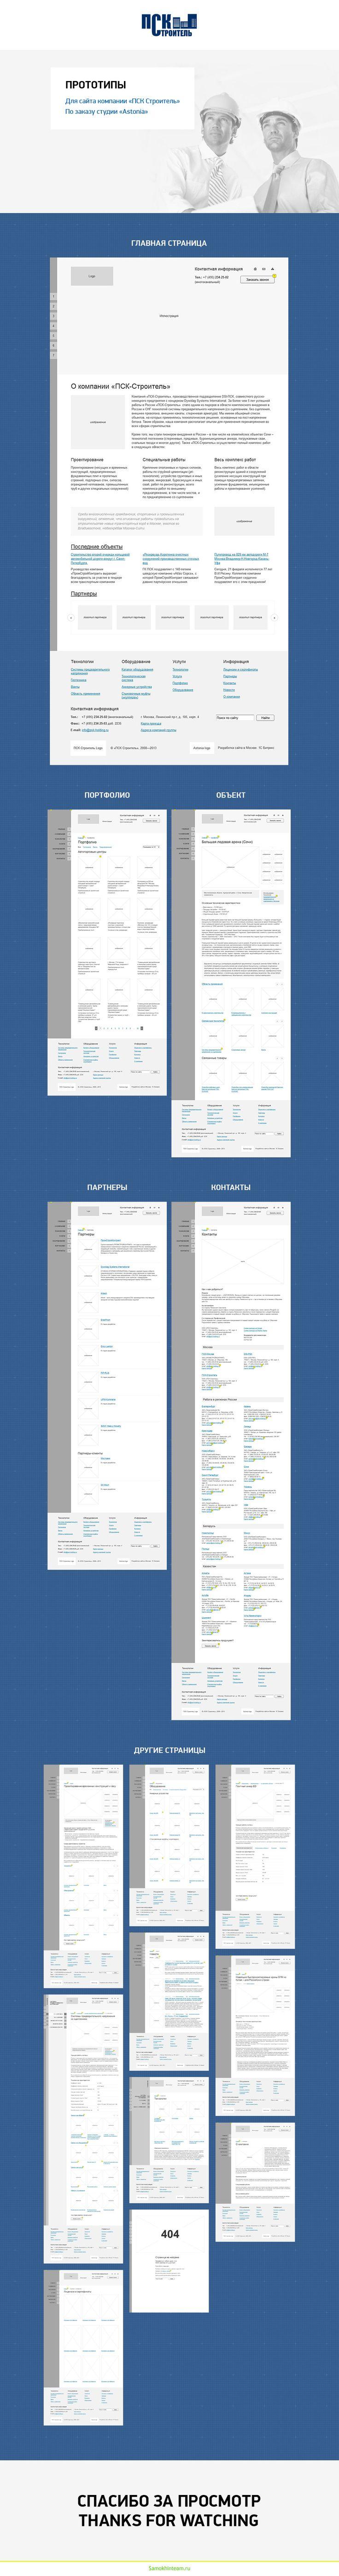 Задача: разработать прототипы для сайта ПСК строитель. Продумать навигацию по сайту при помощи левого динамического меню.  Решение: разрабатываем прототипы всех страниц. При разработке уделяем внимание удобности расположения информации и навигации по сайту. Разработано 15 прототипов страниц.